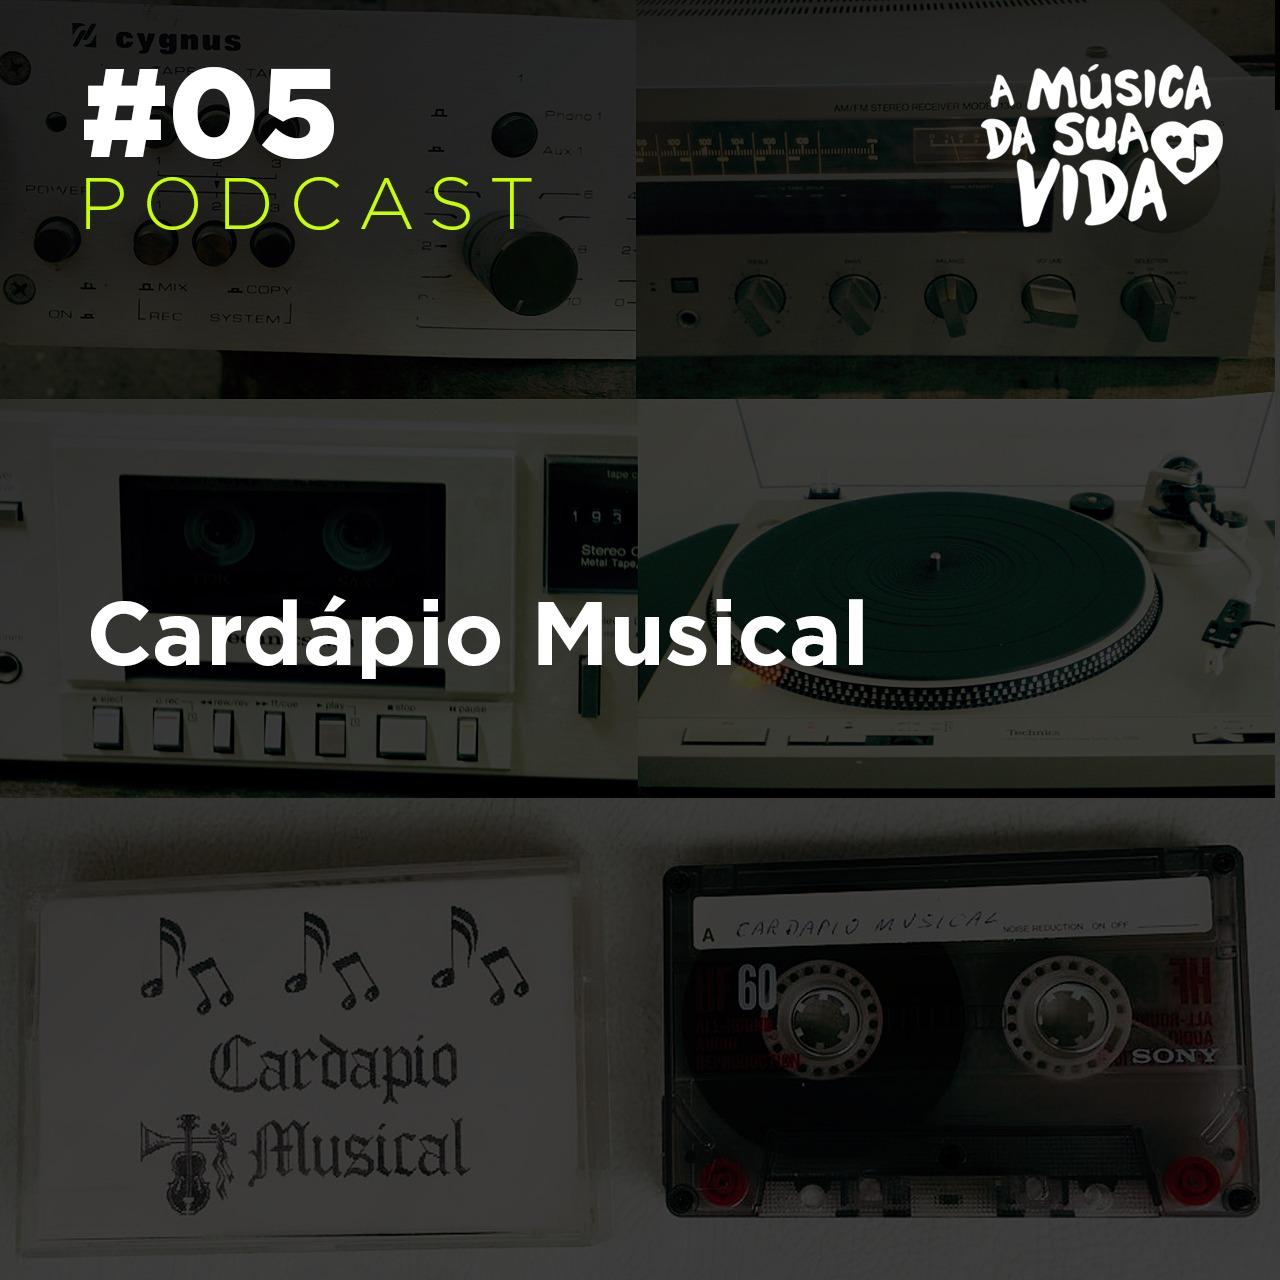 #05 - Cardápio Musical